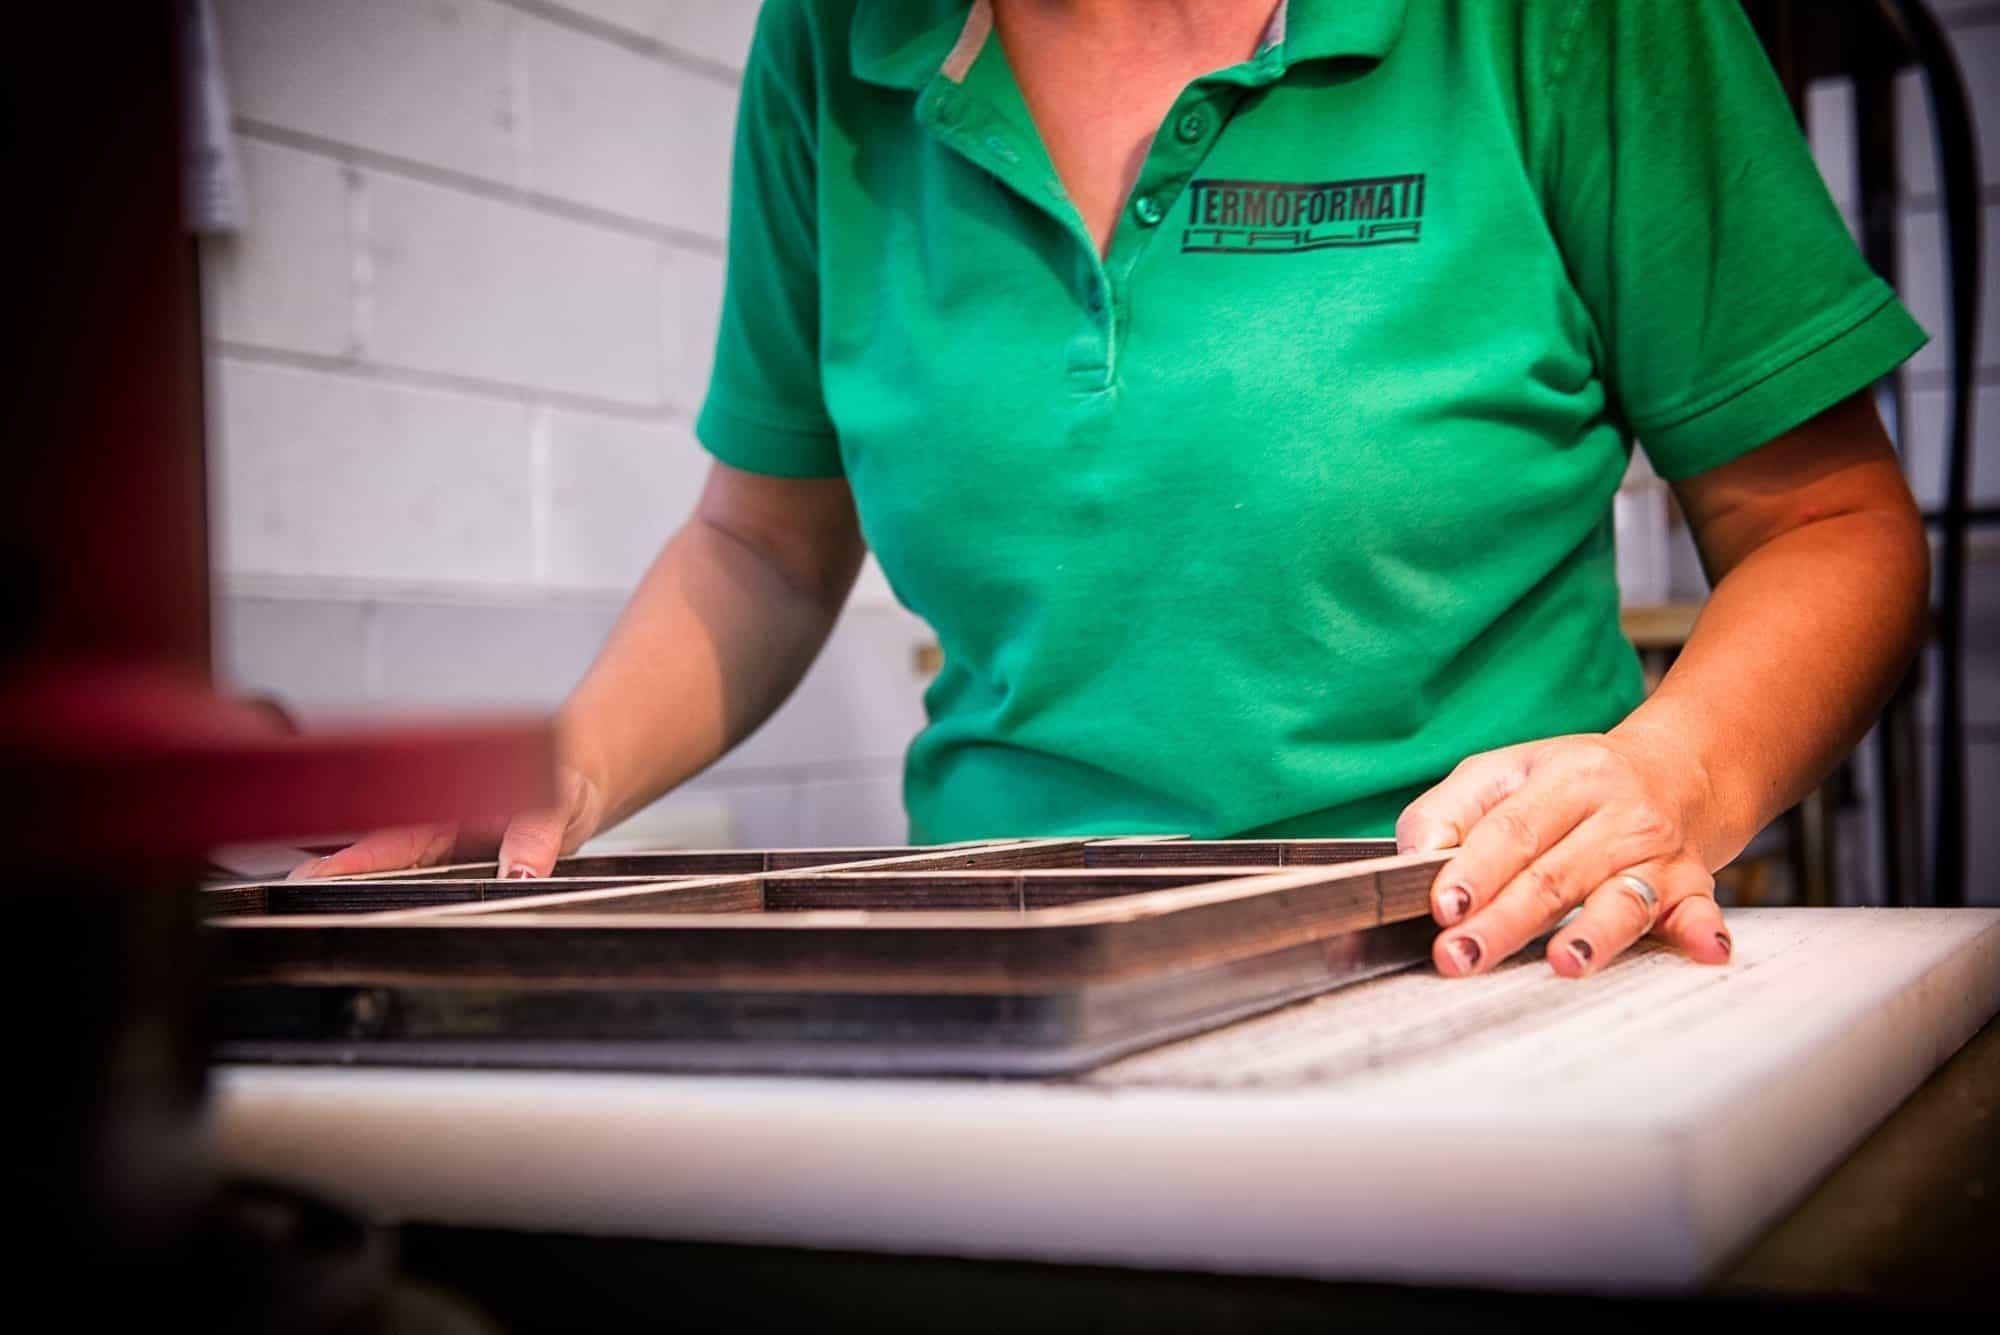 fotografo industriale lecco per termoformati